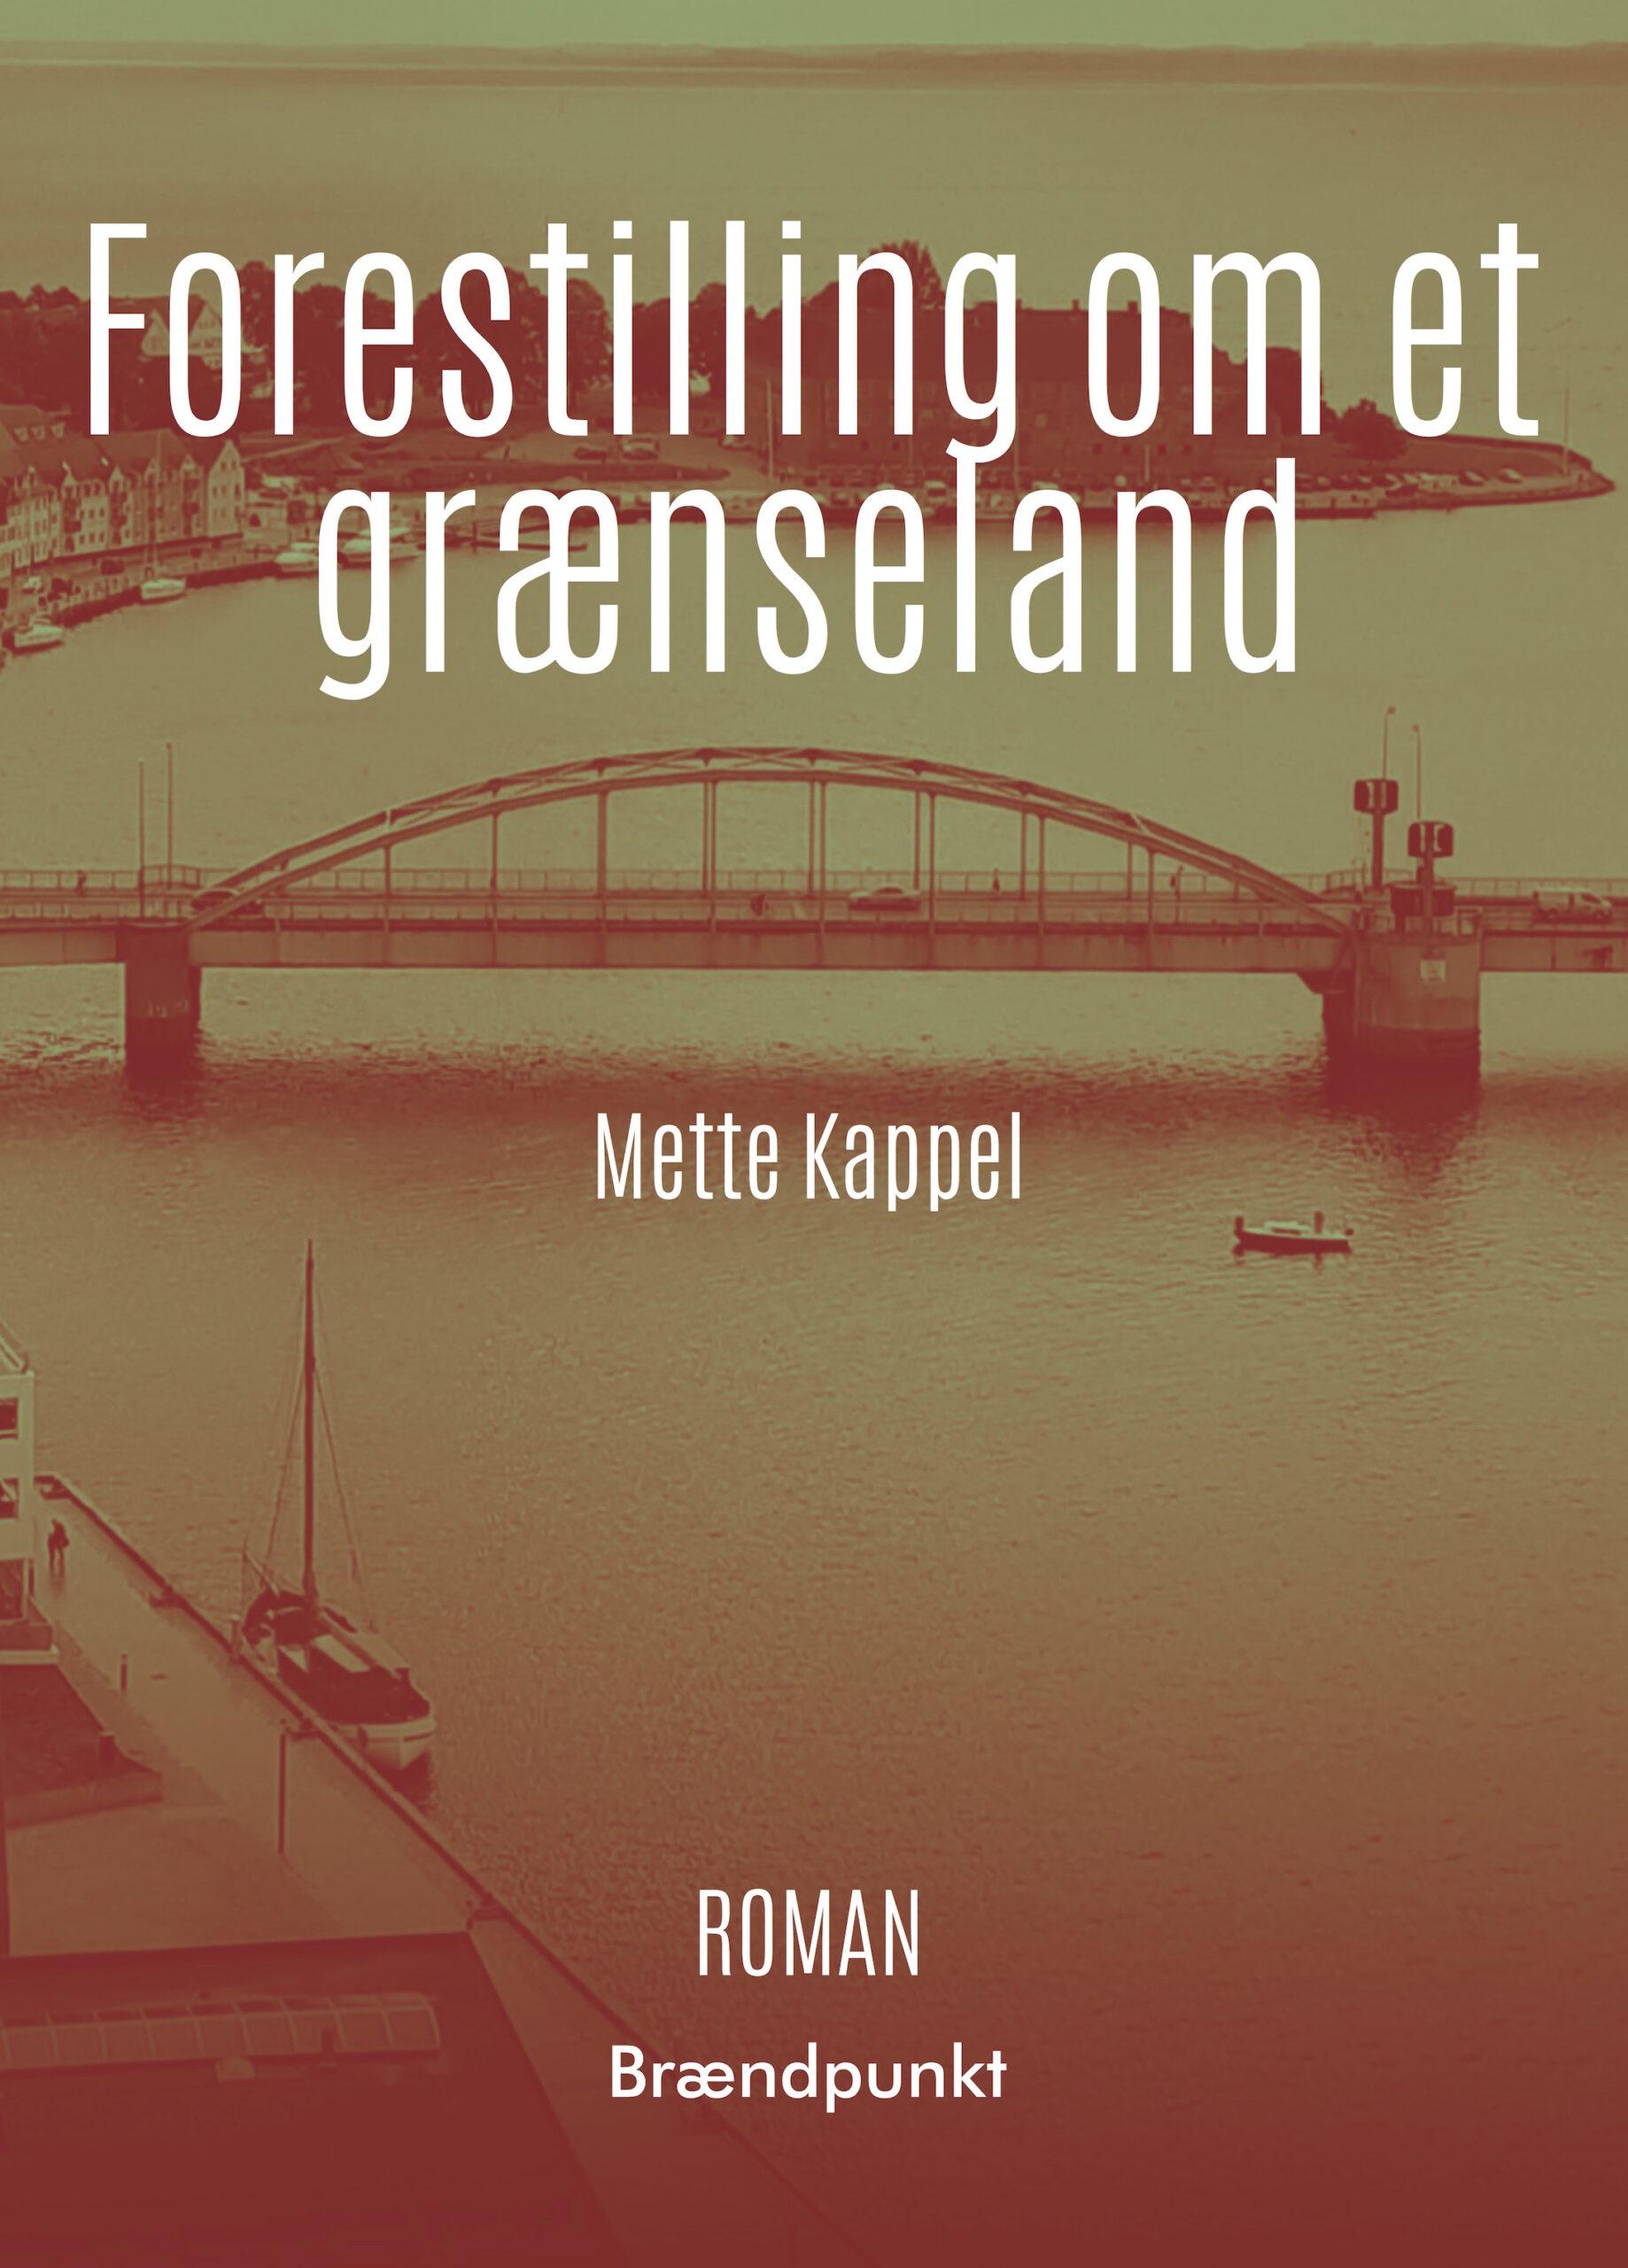 Forestilling om et grænseland af Mette Kappel, roman